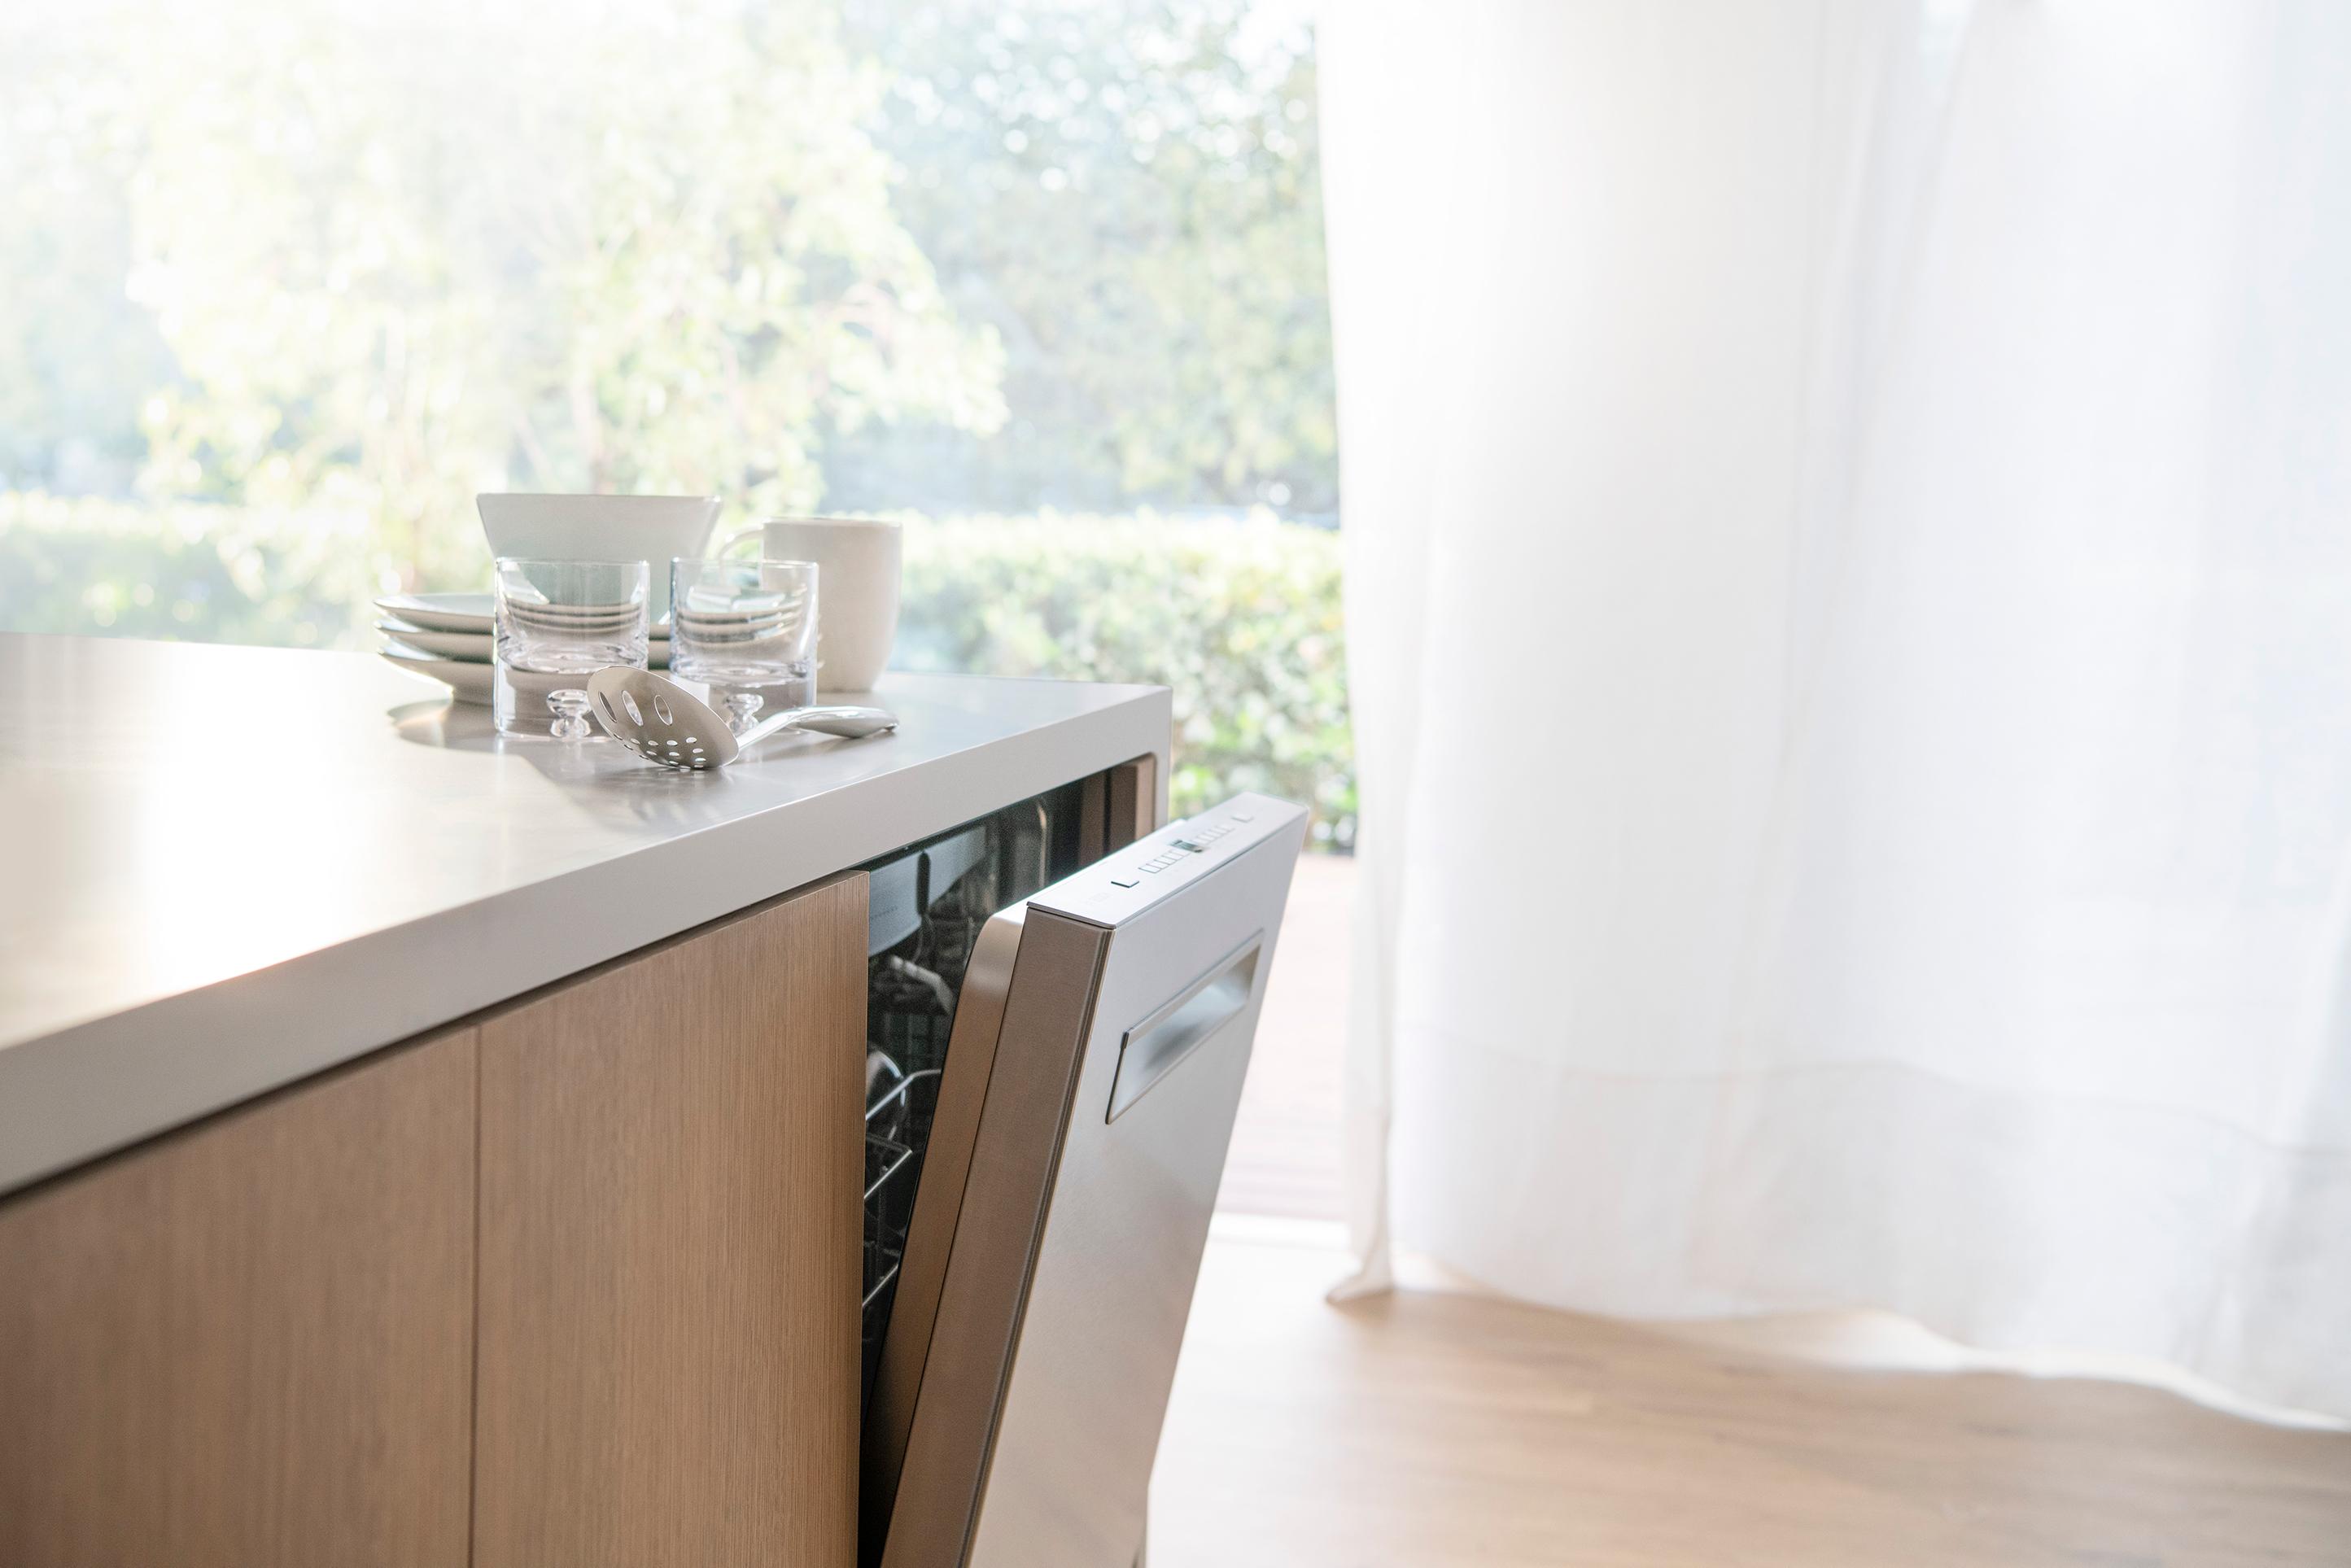 Modern kitchen with Bosch dishwasher.